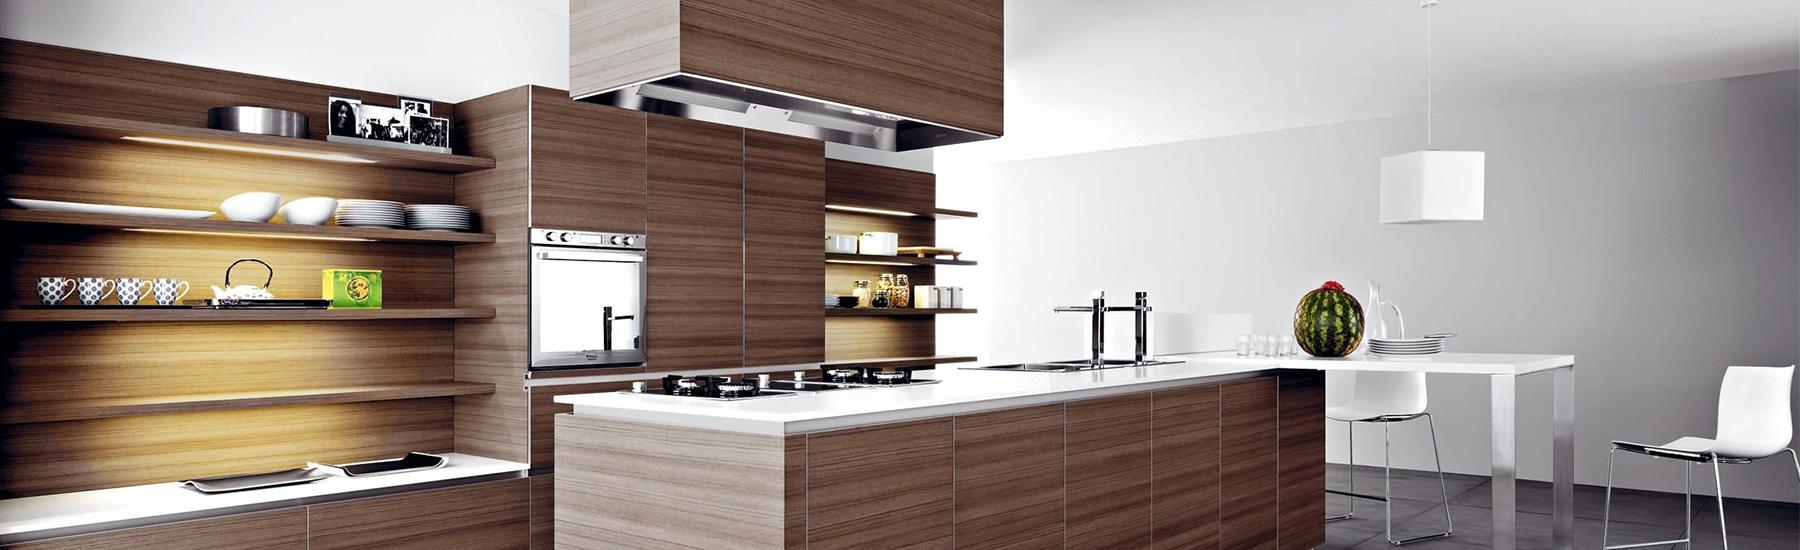 ambiente_cucina4